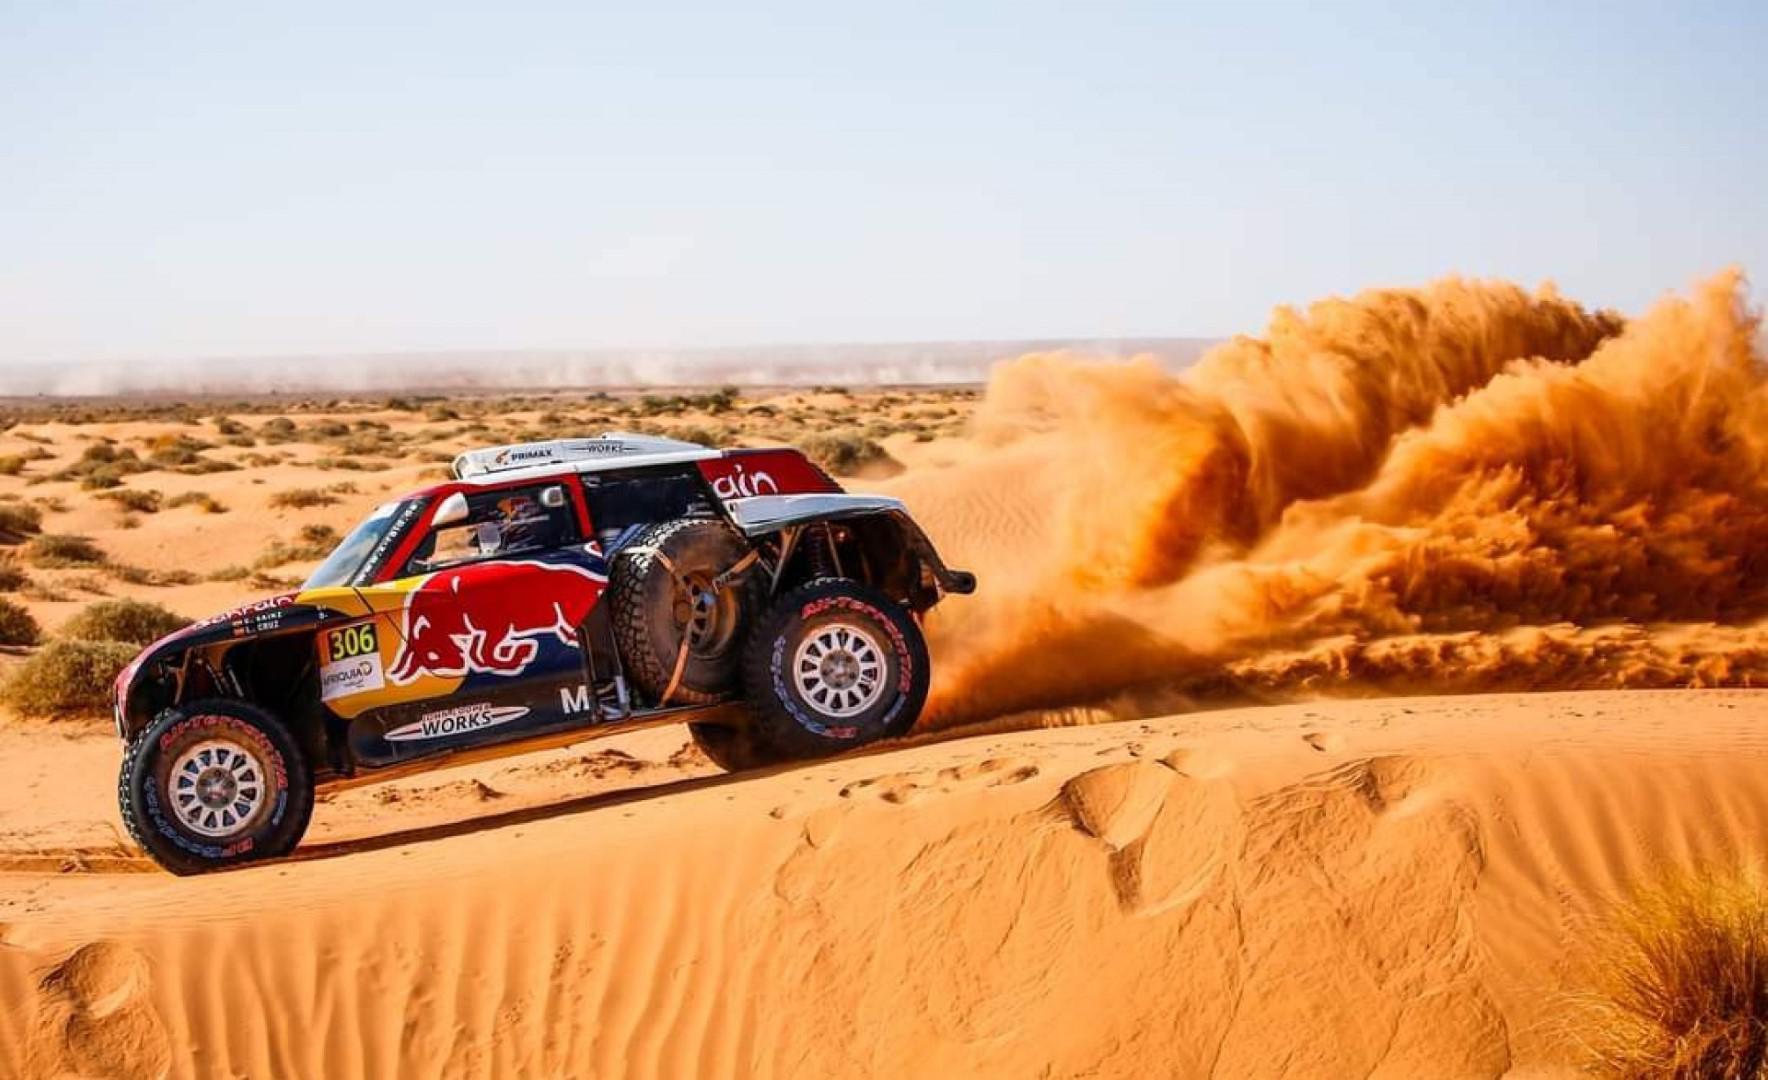 Le Rallye du Maroc n'est plus la dernière manche de la Coupe du monde